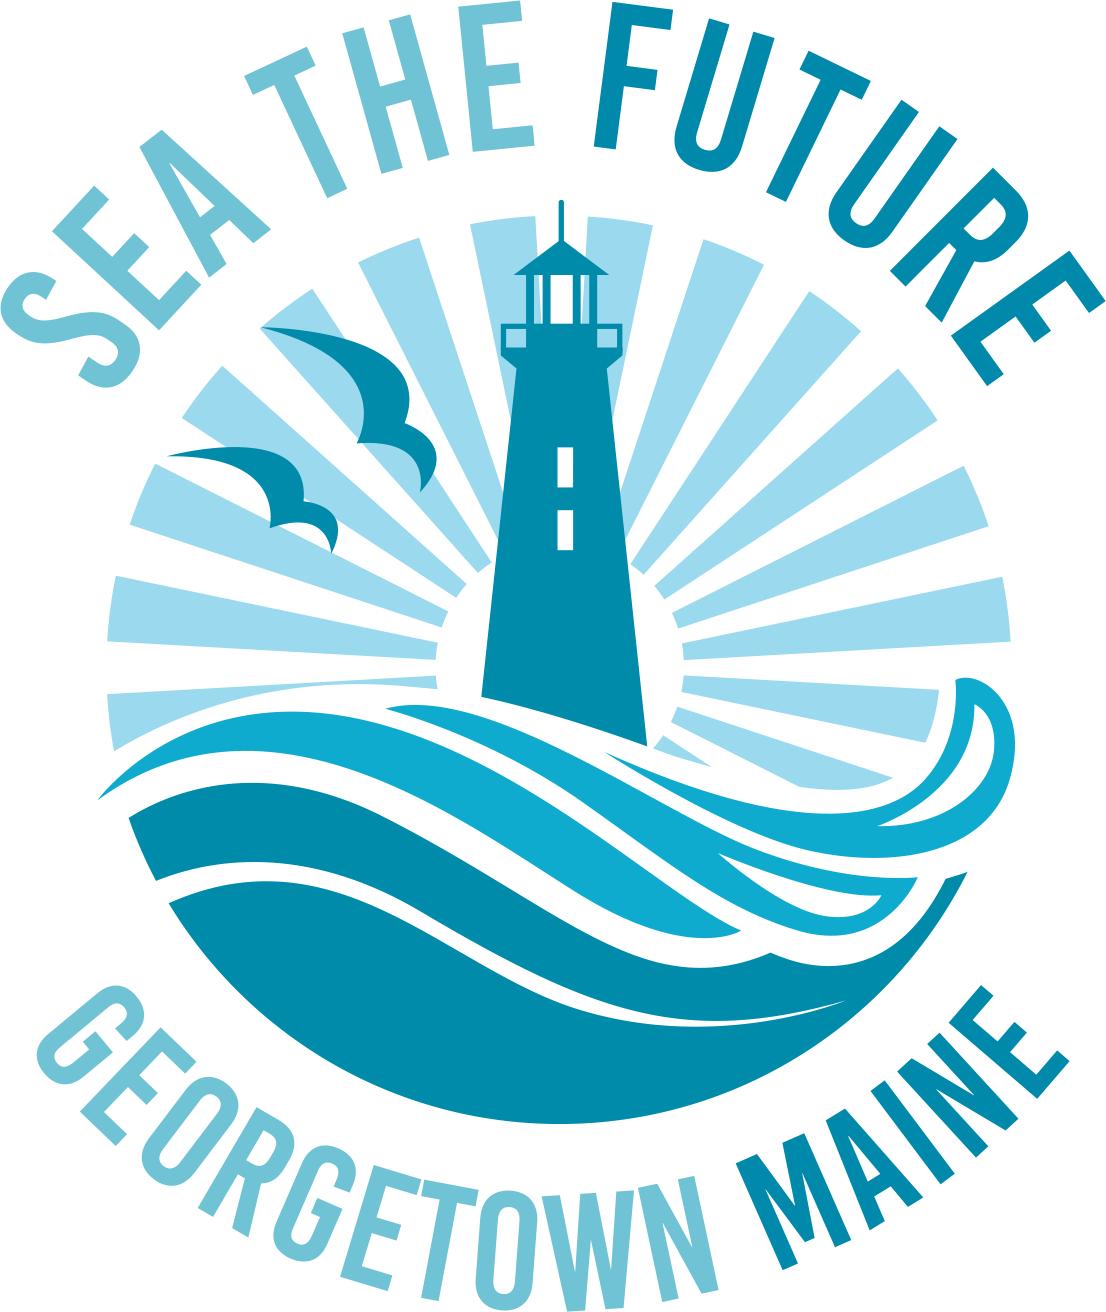 Sea the future logo